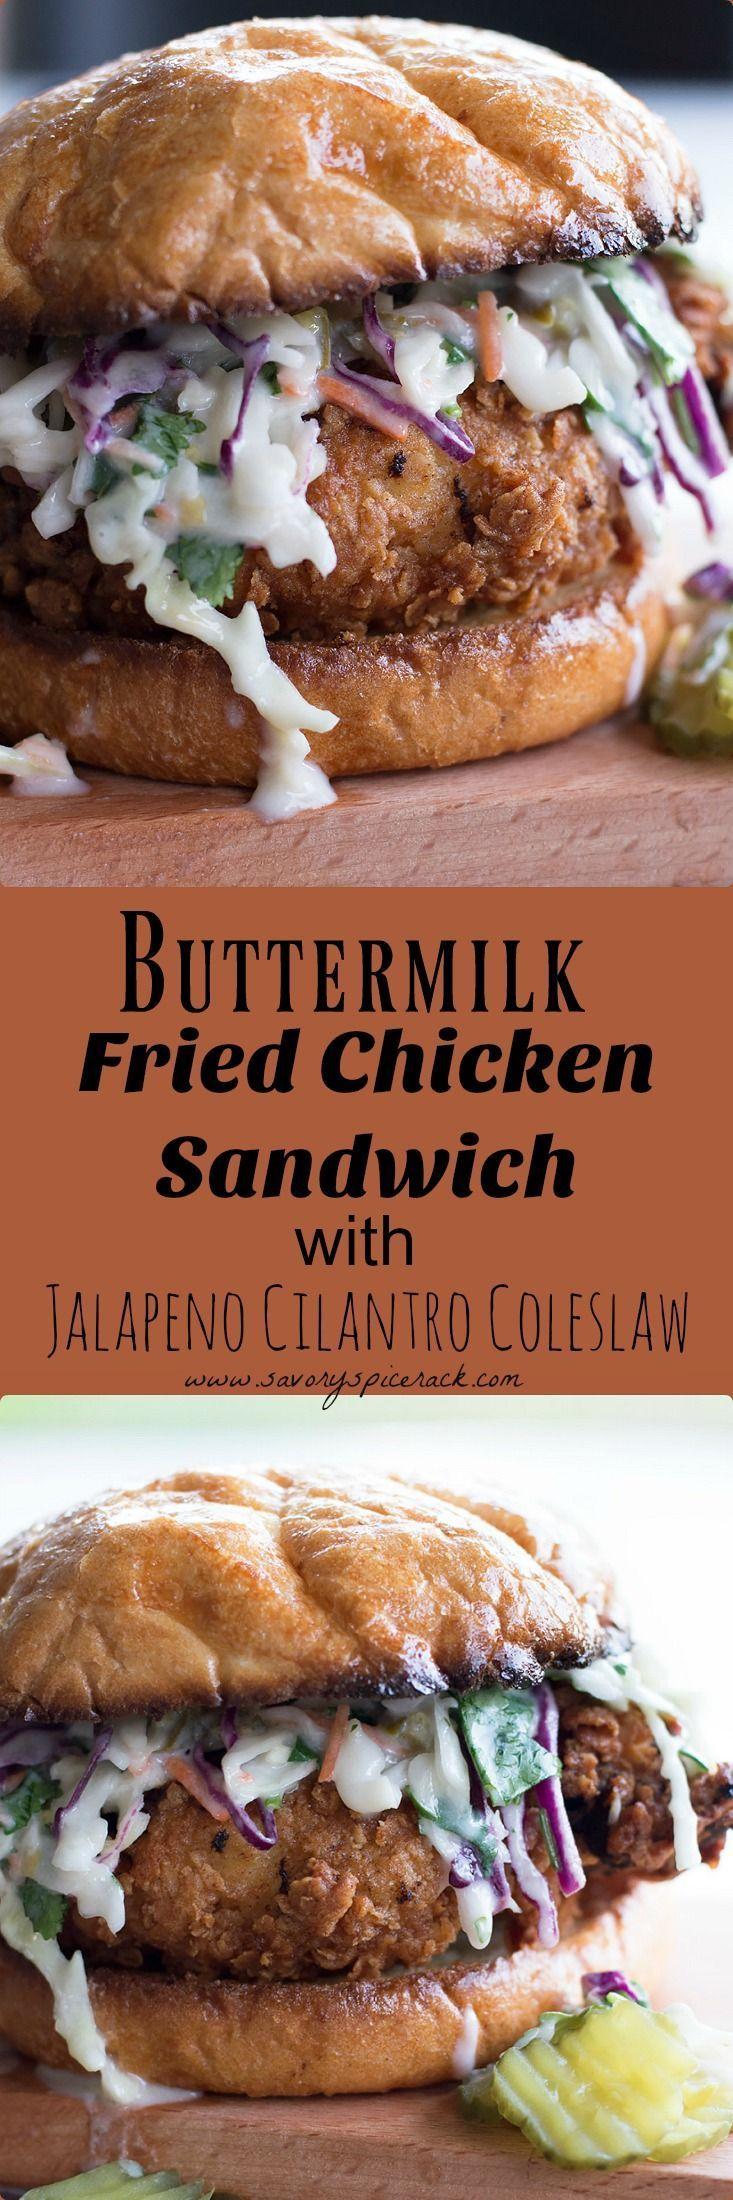 Buttermilk Fried Chicken Sandwich With Cilantro Jalapeno Coleslaw Recipe Buttermilk Fried Chicken Fried Chicken Sandwich Food